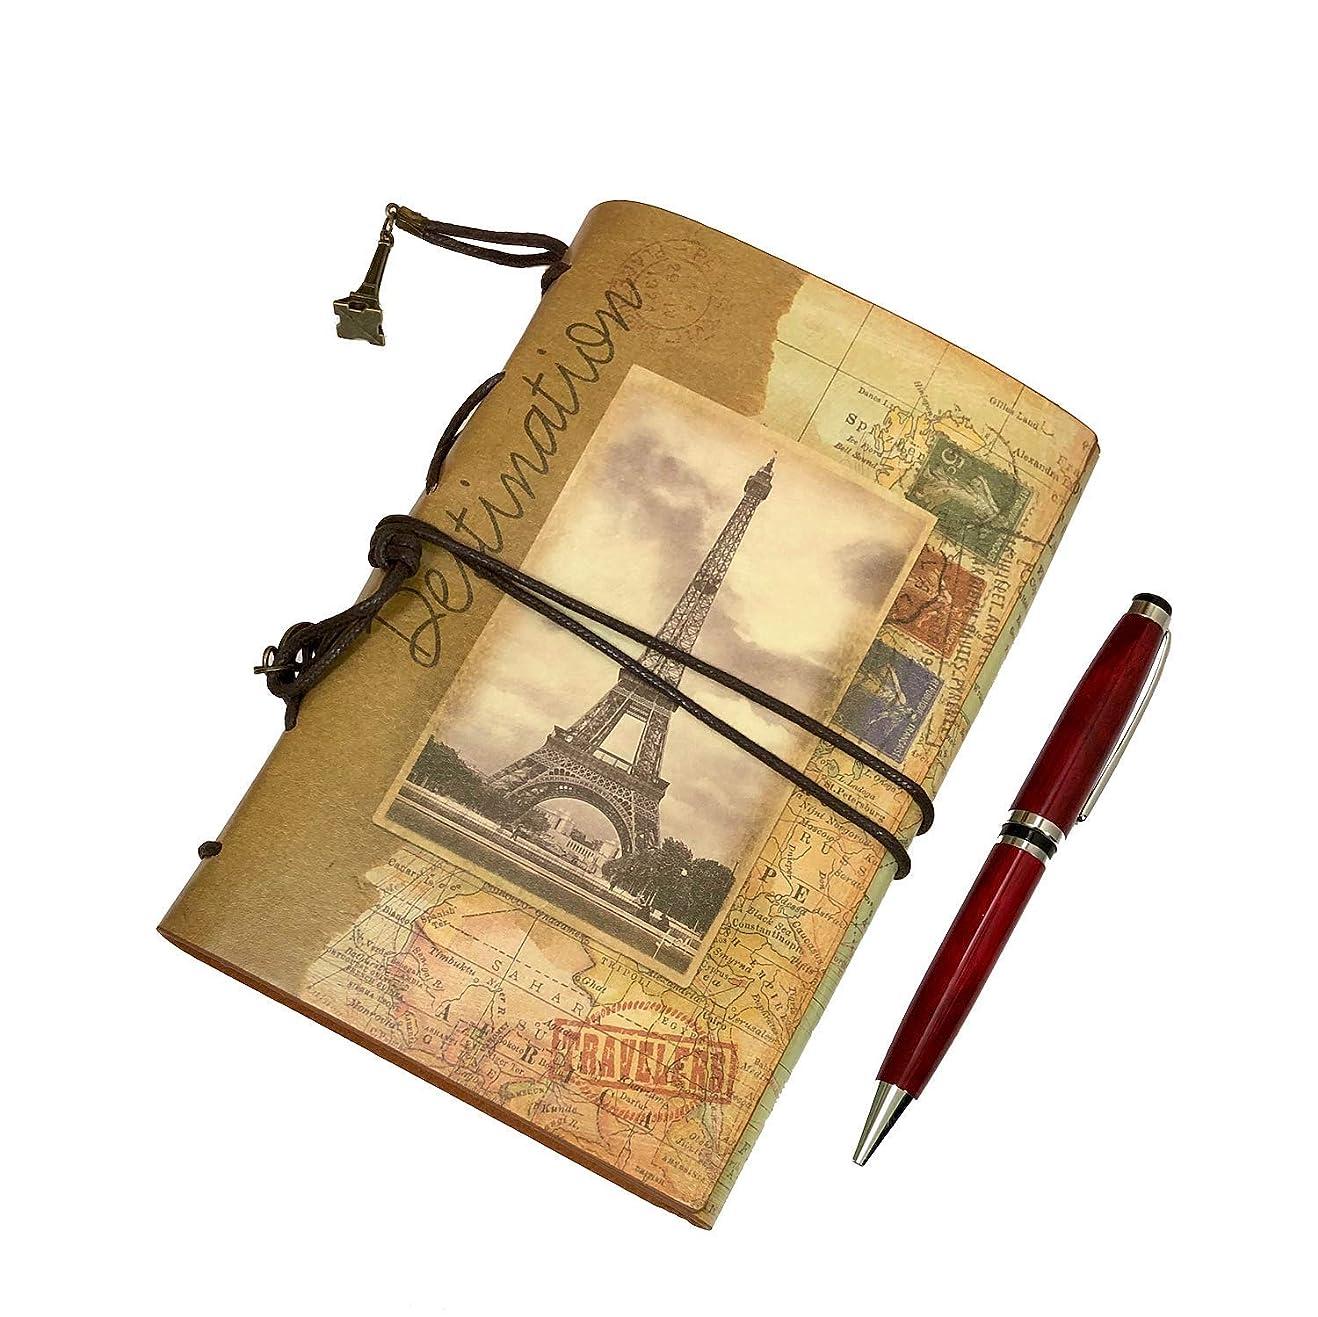 ビュッフェ惨めなうれしいfieldlabo アンティーク ダイアリー ルーズリーフ メモ帳 A6 6穴 +ボールペン (エッフェル塔)